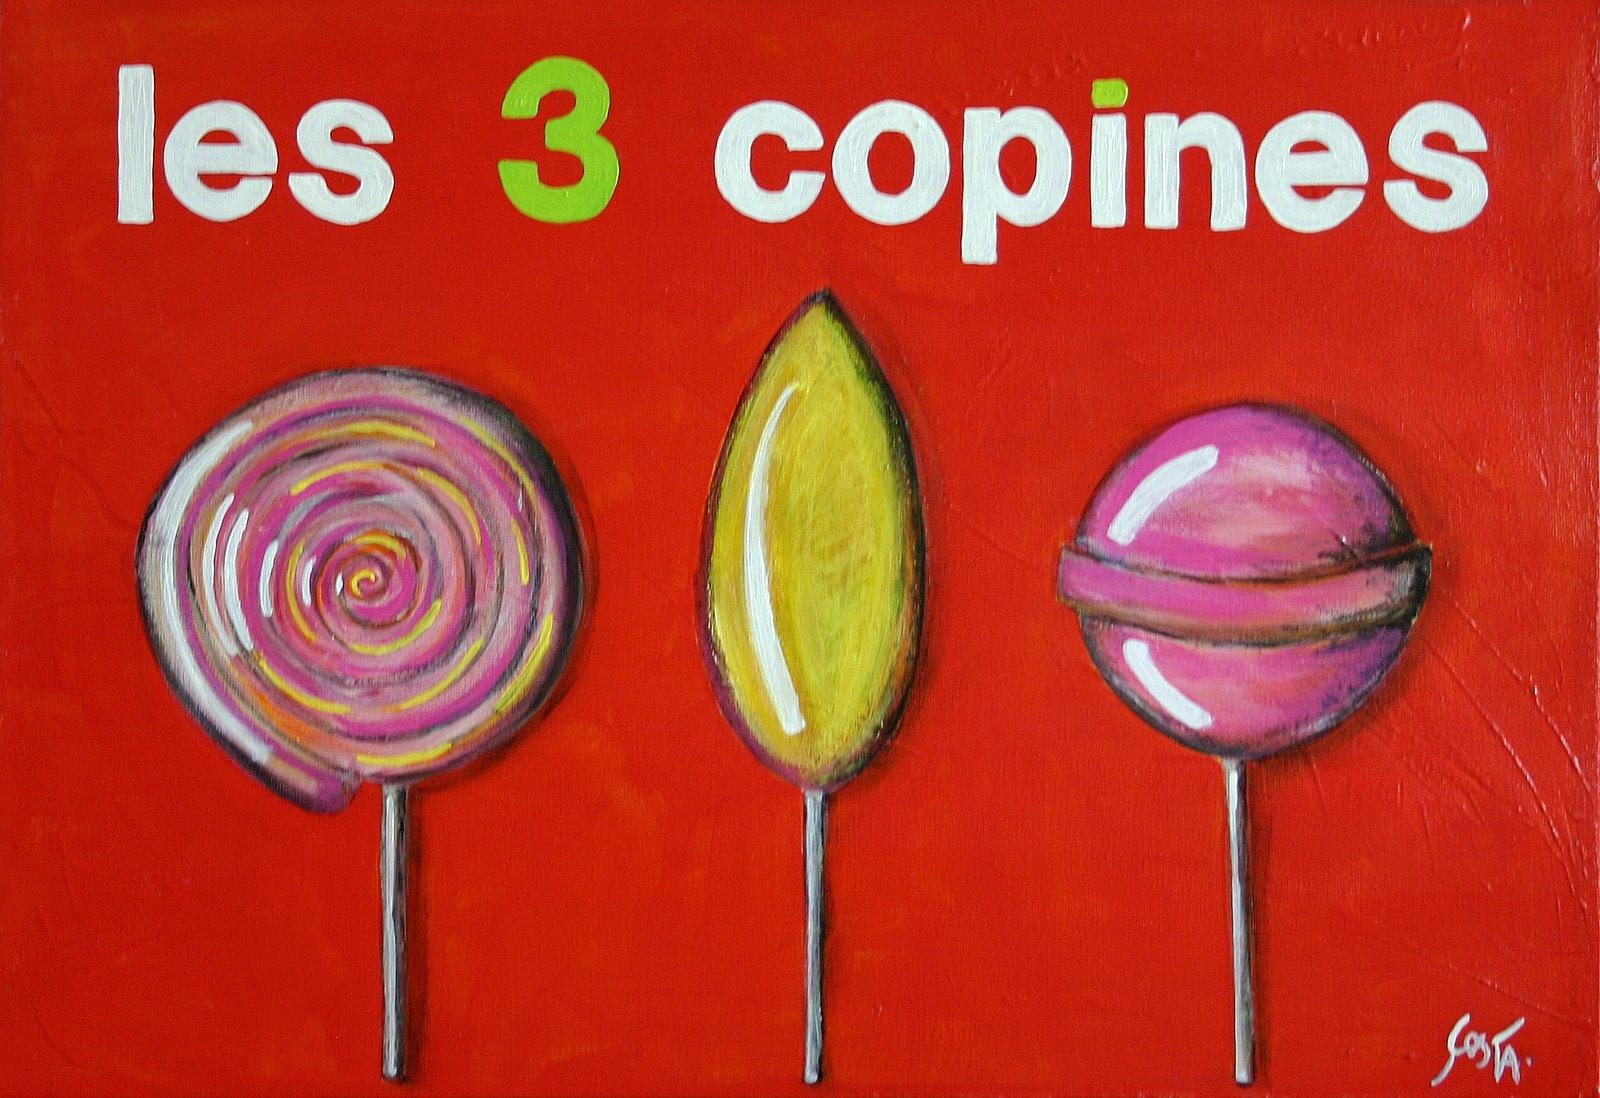 Tableau Contemporain, Les 3 copines (sucettes). Sophie Costa, artiste peintre.